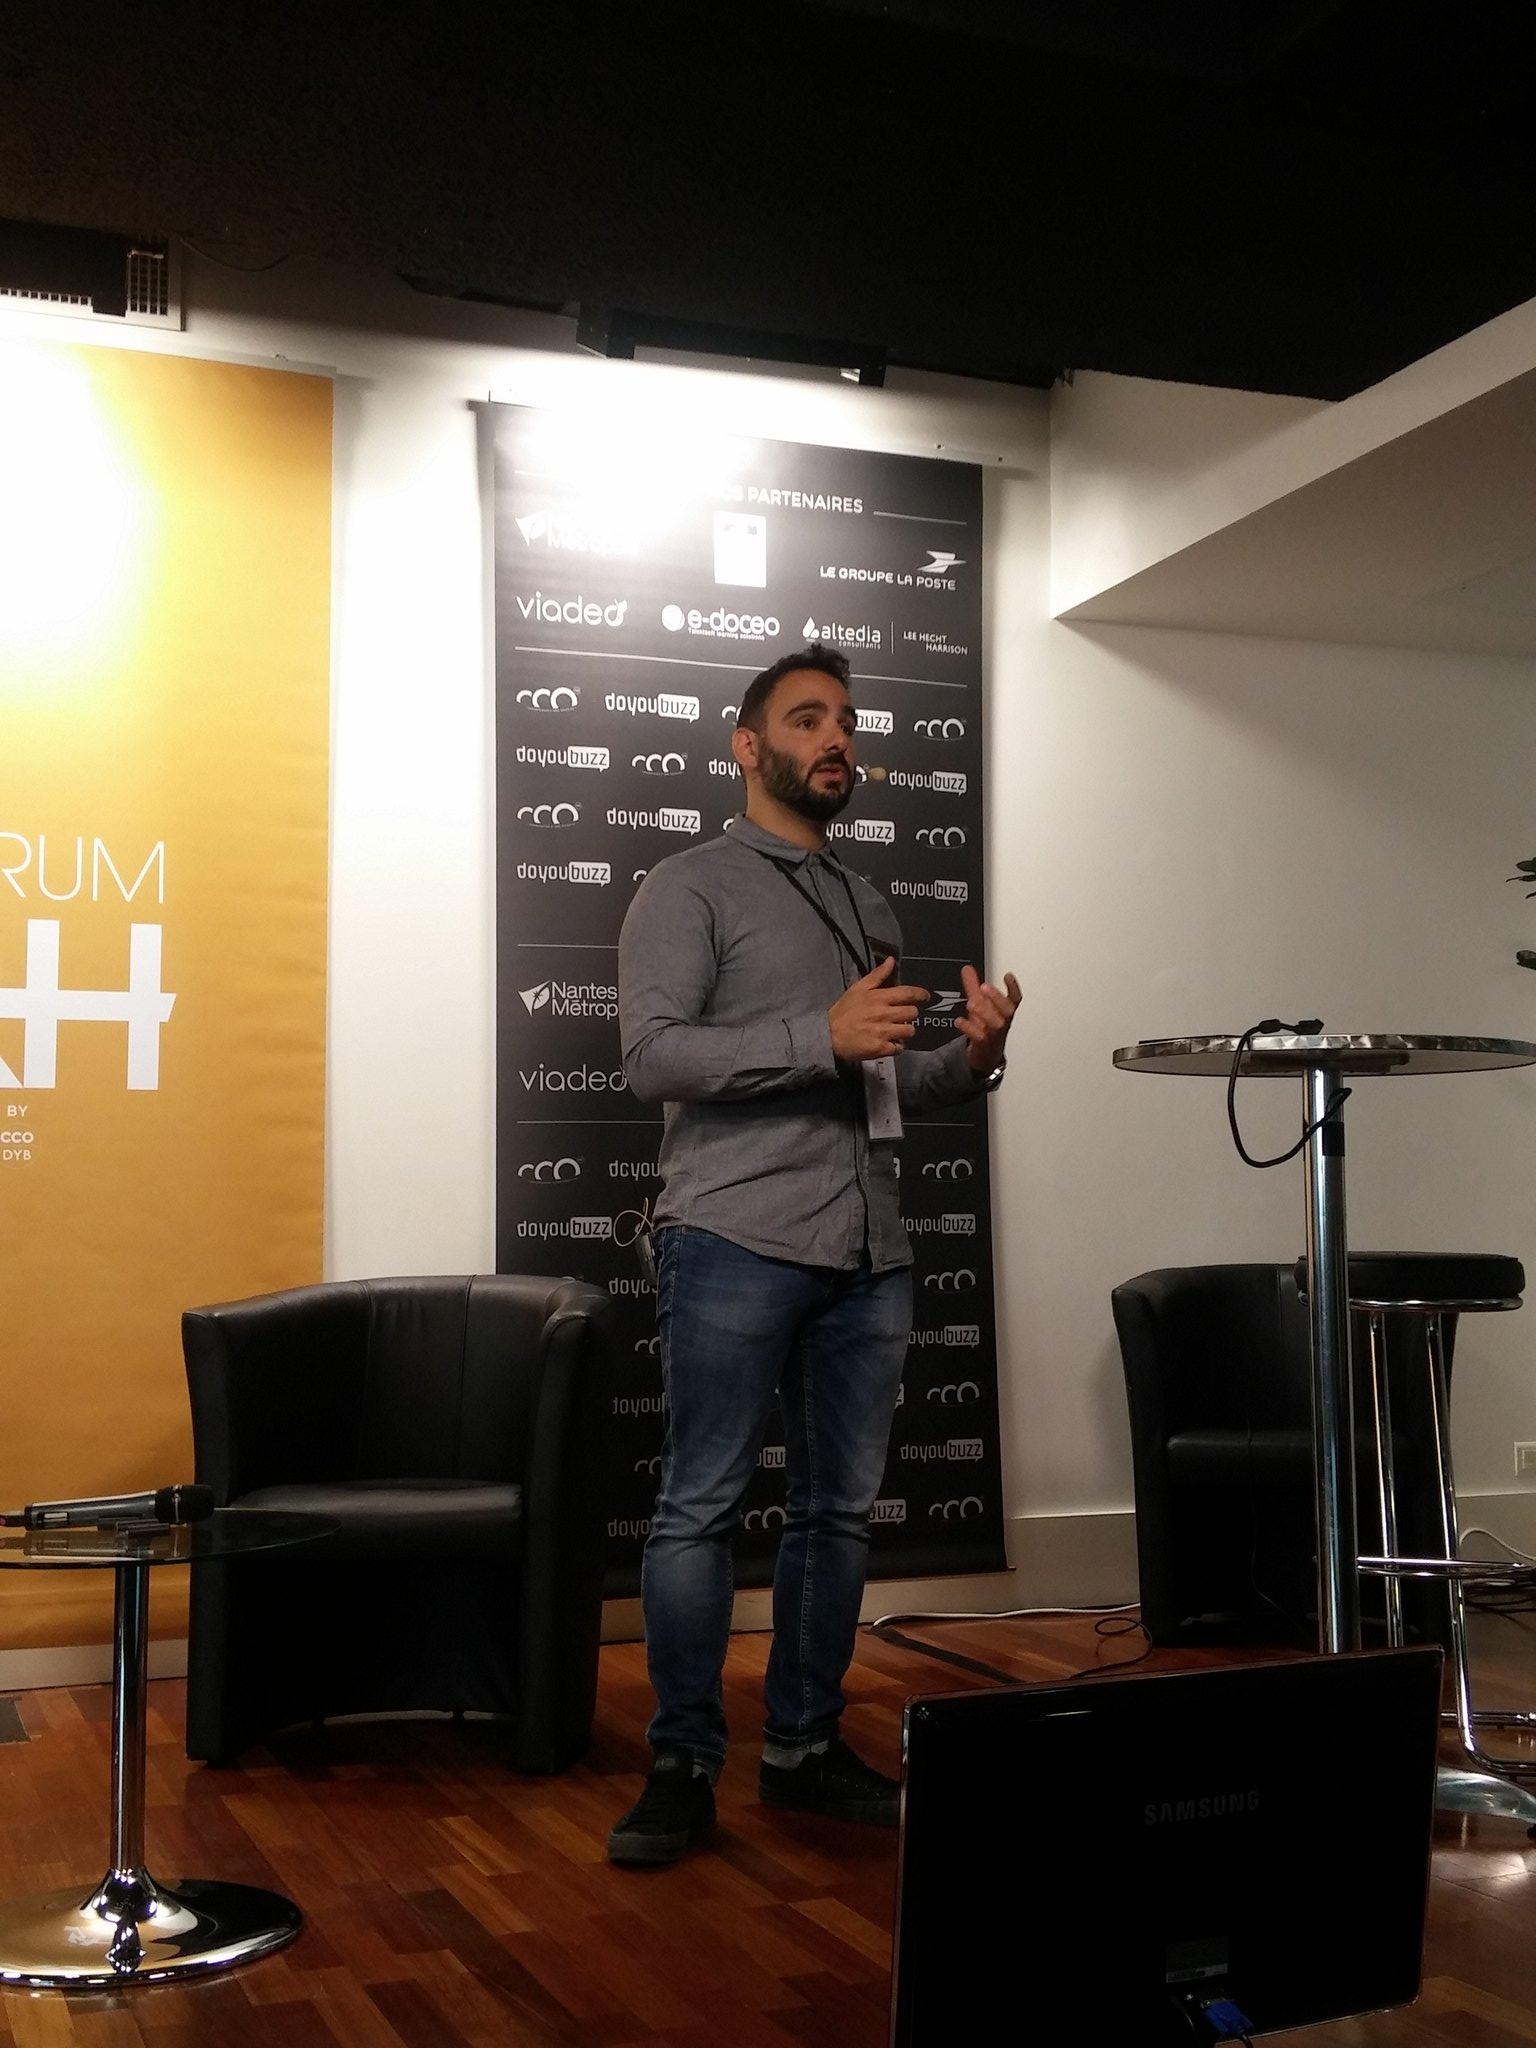 Notre ami @geosaa du Québec nous fait la synthèse de cette matinée, avec son regard de leader inspiré et inspirant #ForumRH https://t.co/bMg20m1P4P